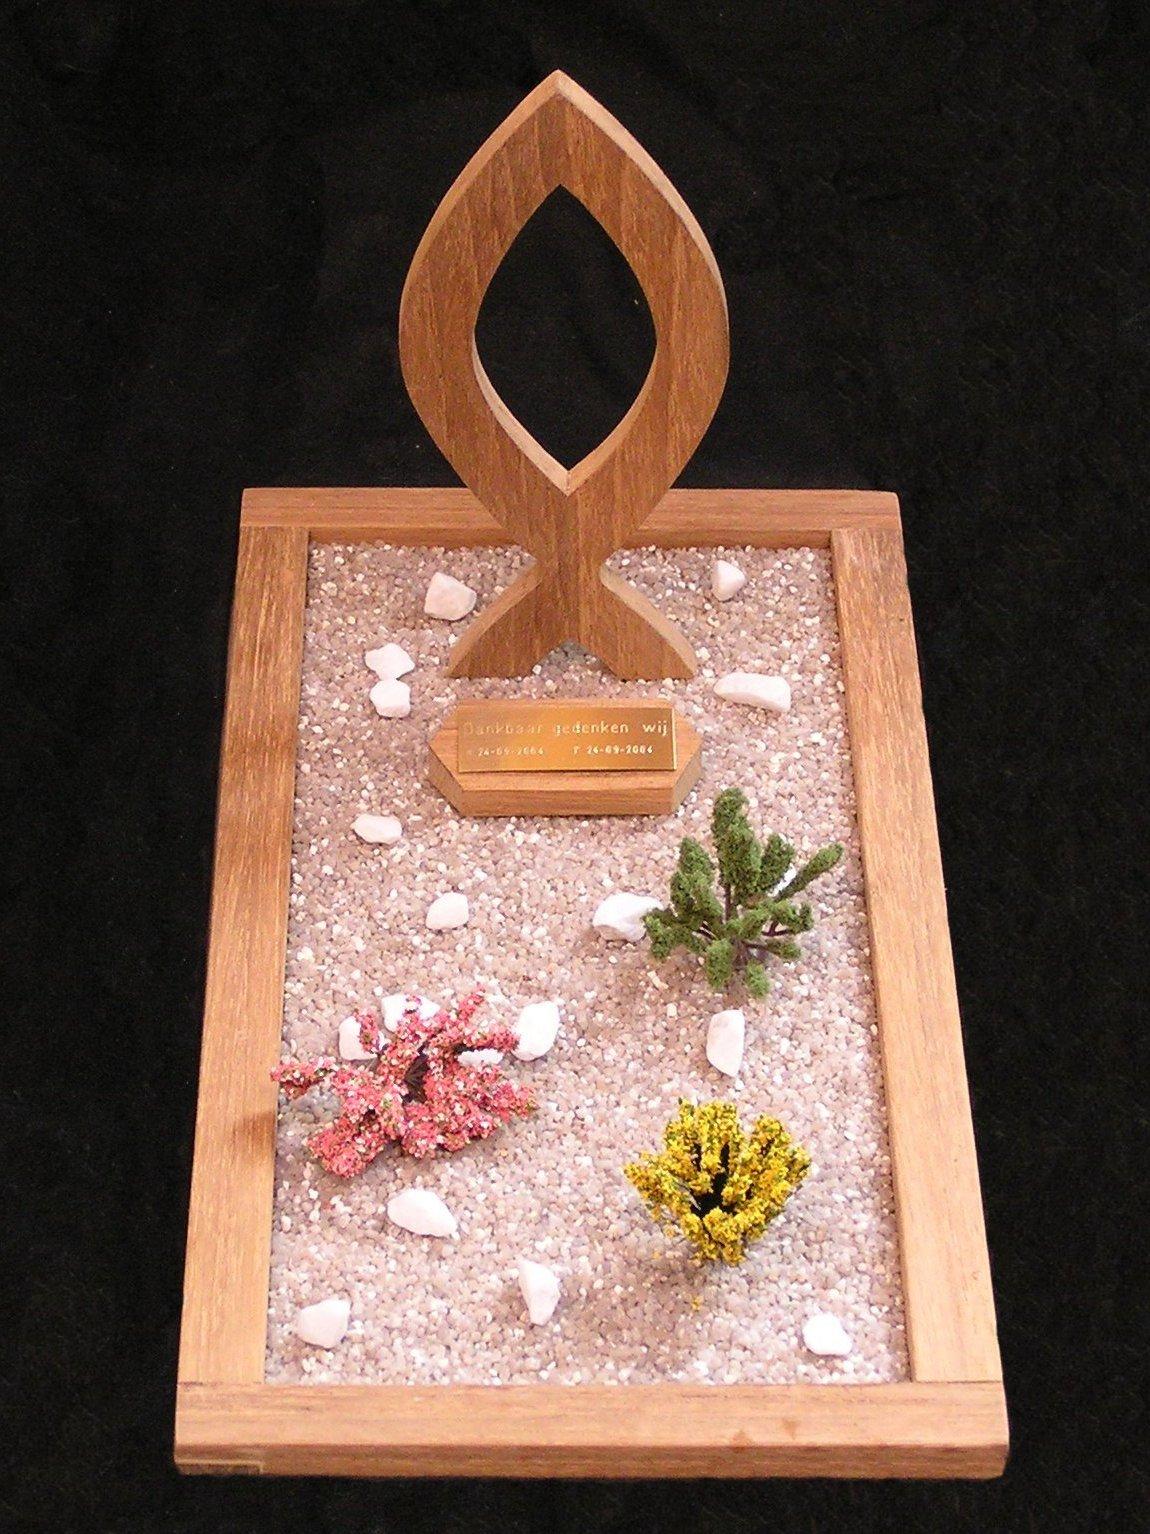 houten grafmonumenten, houten gedenktekens, christelijke grafmonumenten